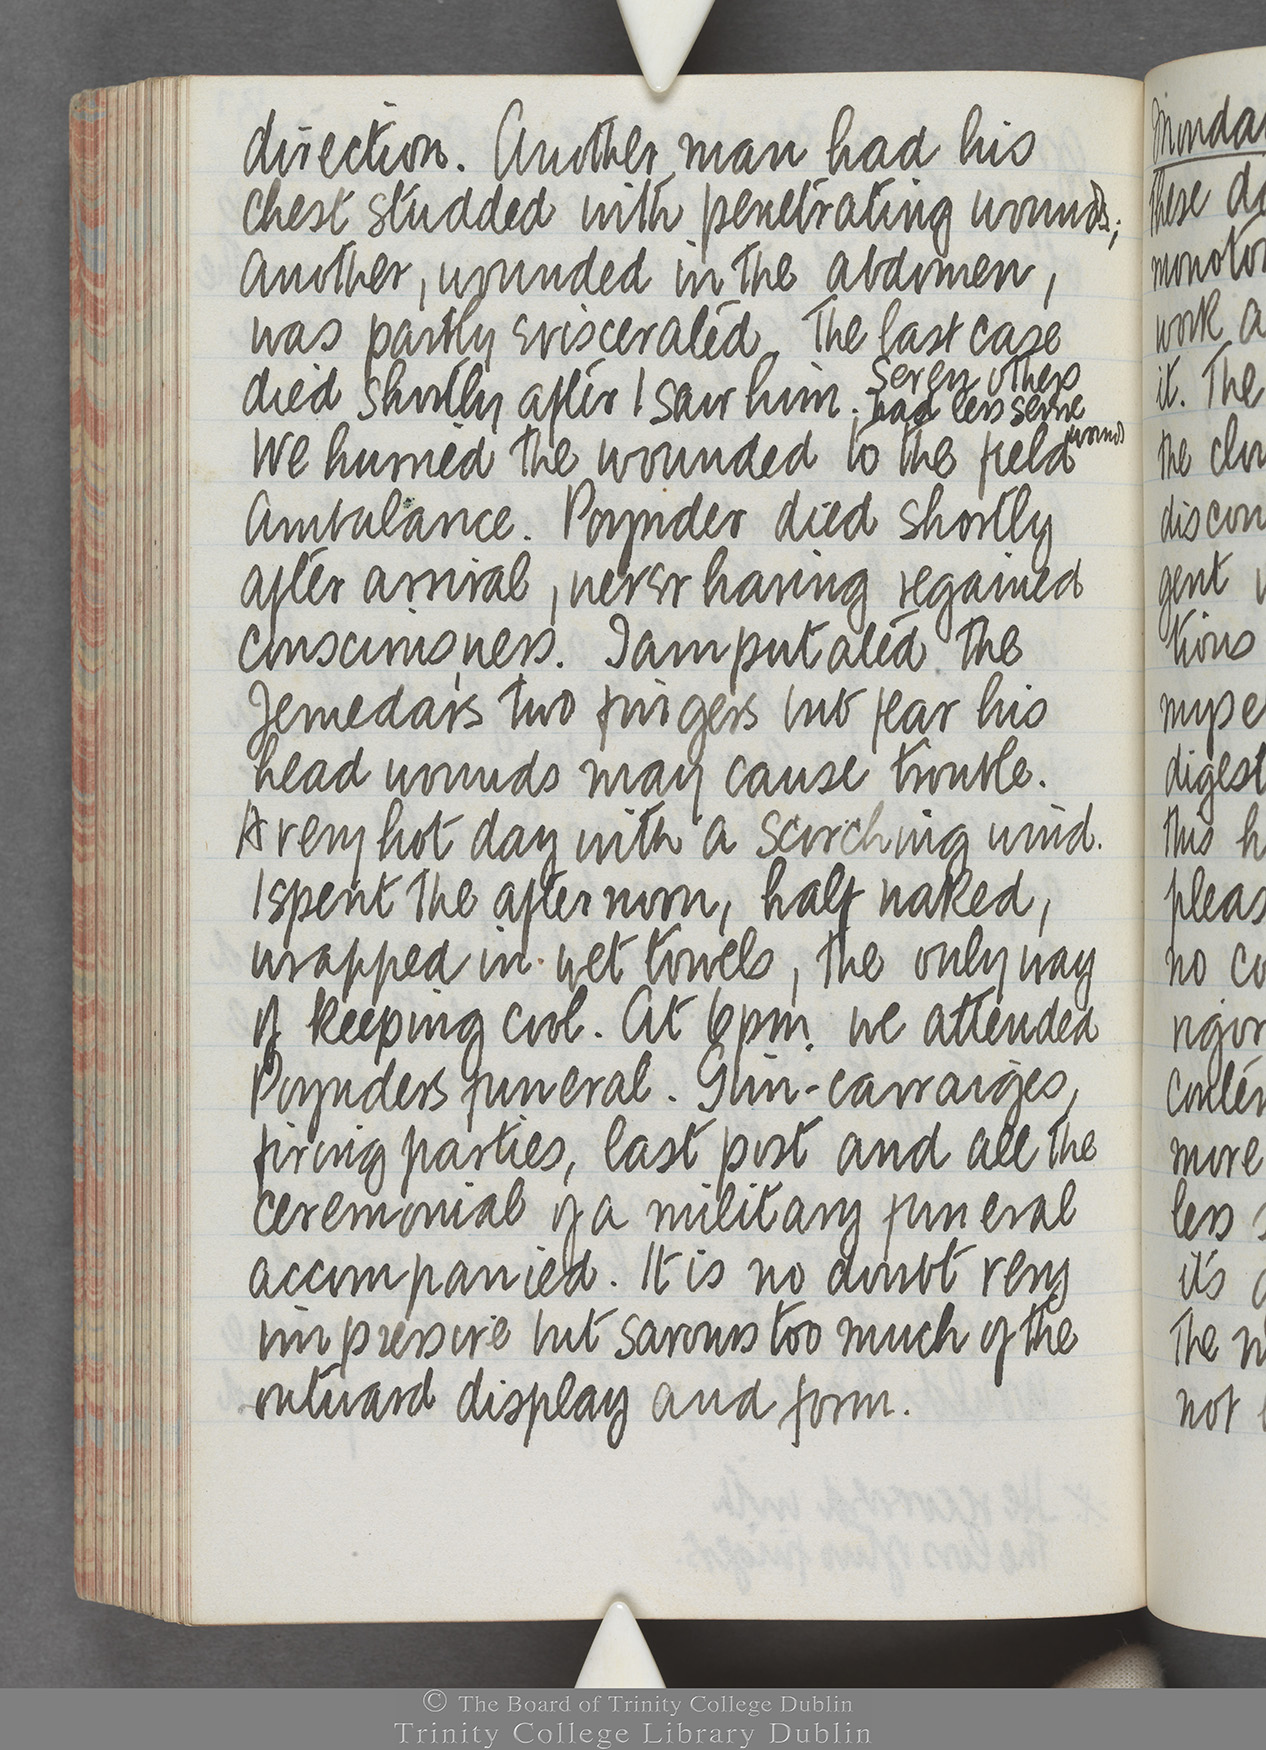 TCD MS 10515 folio 127 verso